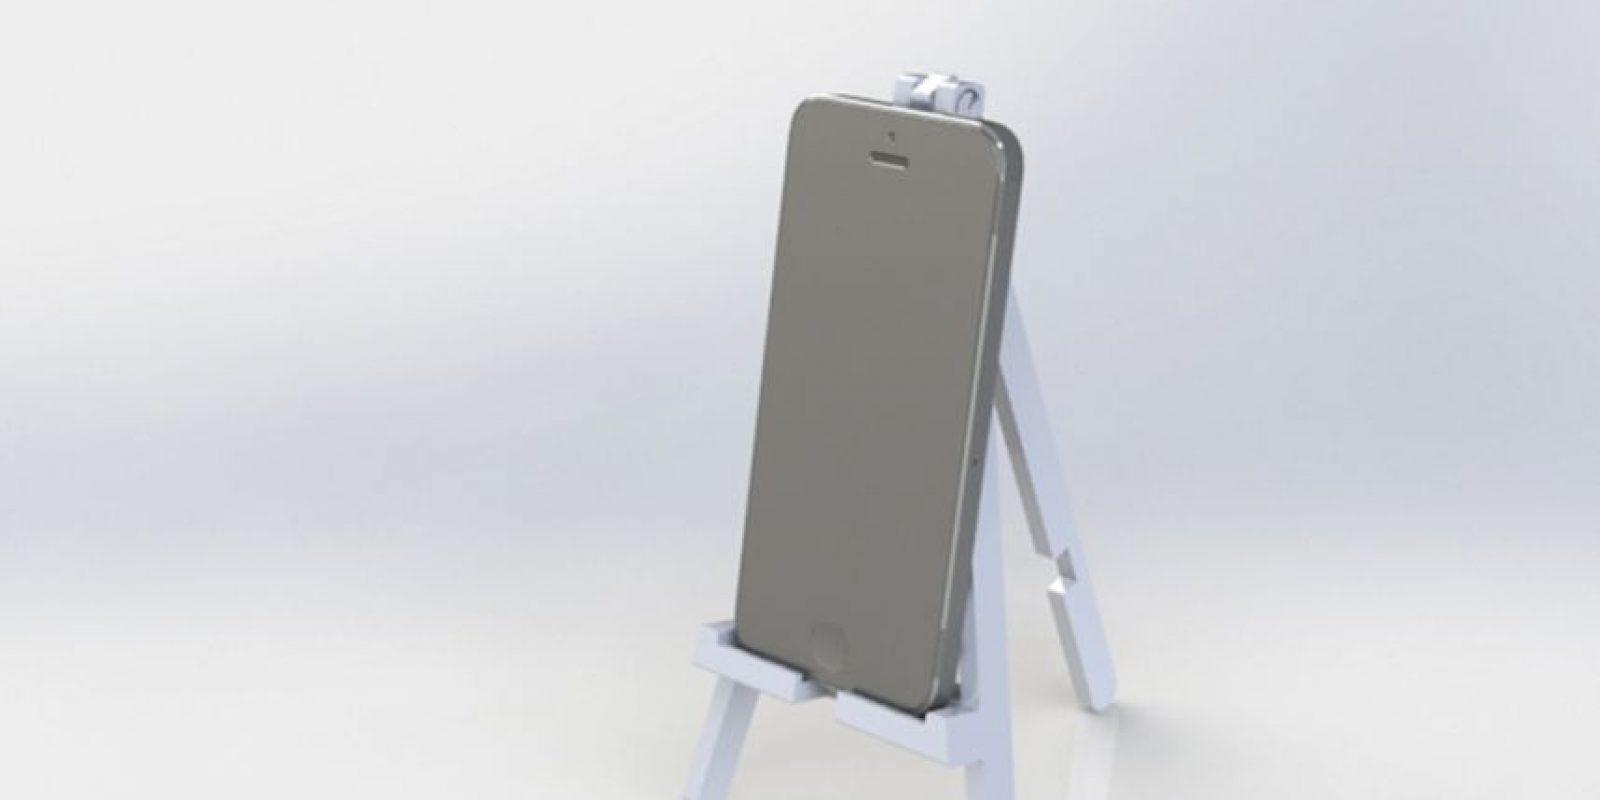 Bocinas y soportes para cargar batería impresos en 3D Foto:Pierre Cerveau